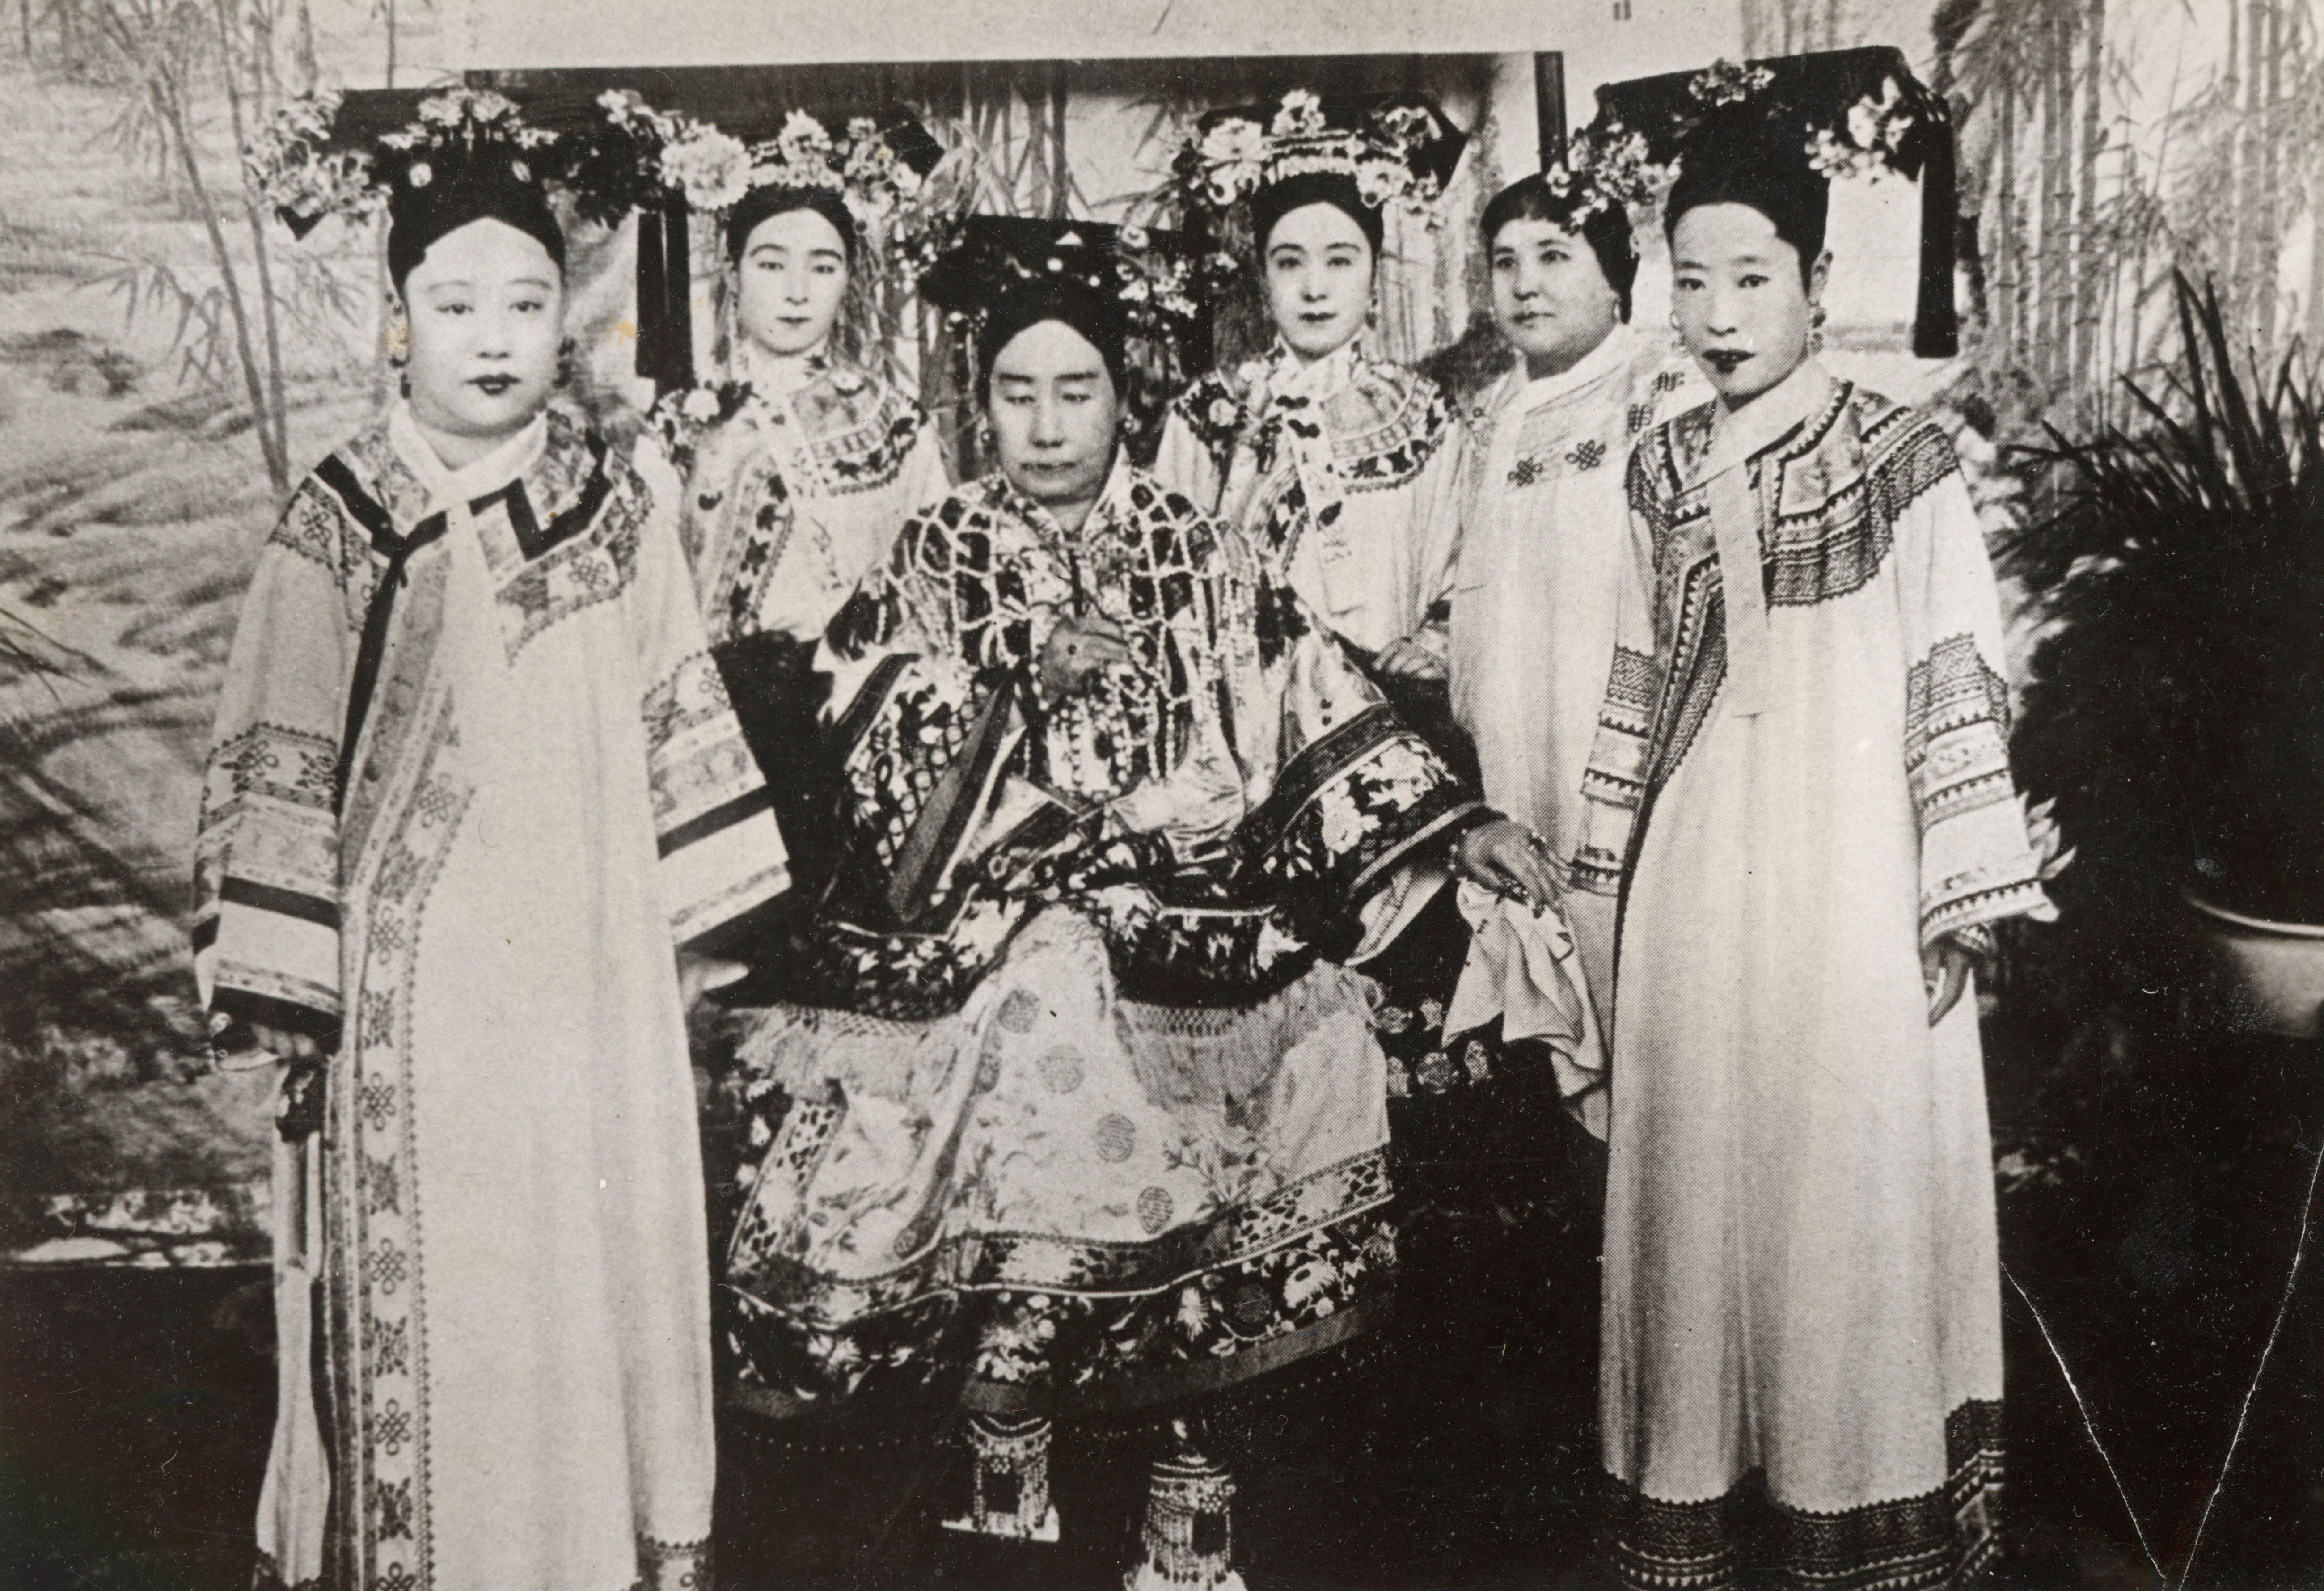 Η Κινέζα Αυτοκράτειρα που με τα έργα και τις ημέρες της διχάζει την Κίνα μέχρι και